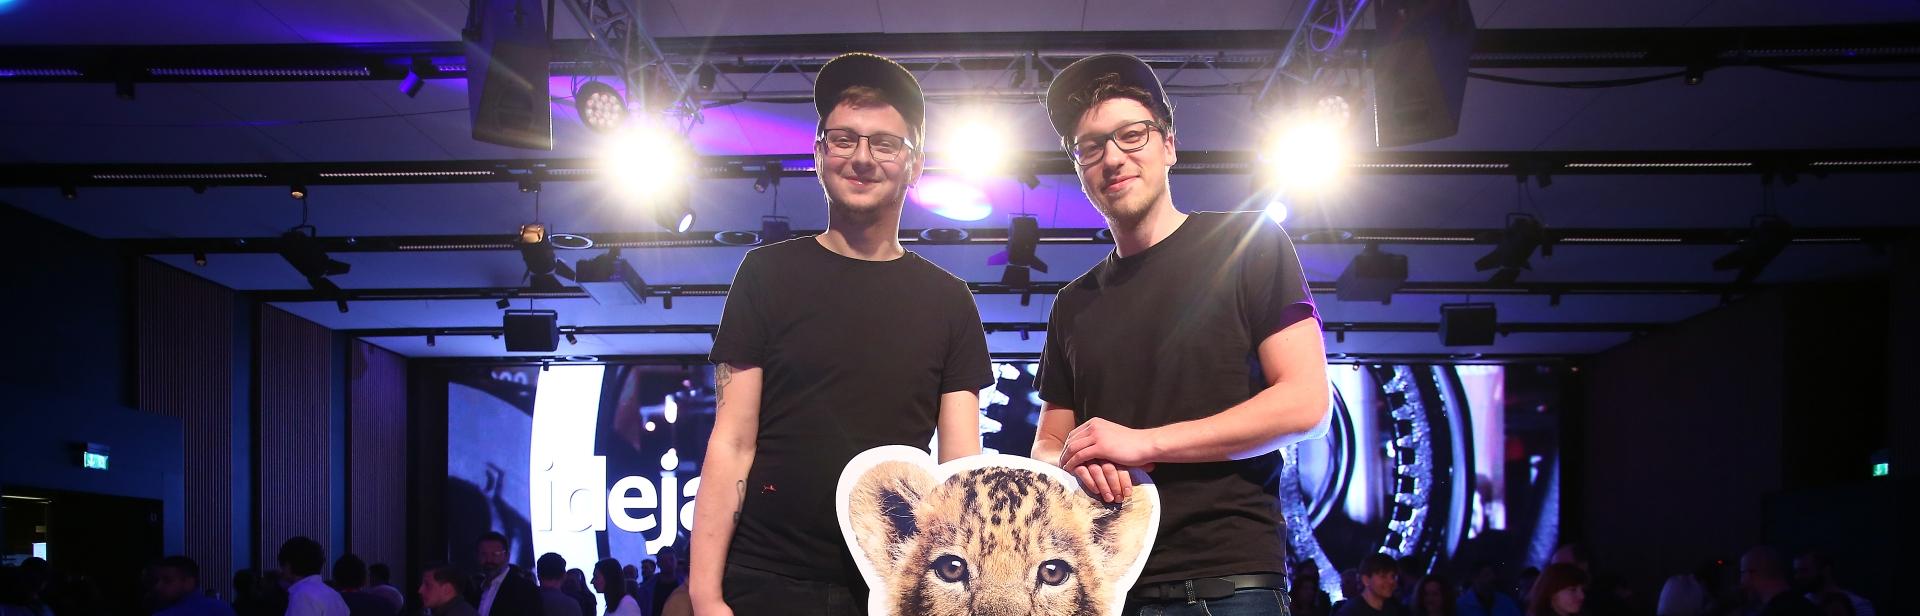 DANI KOMUNIKACIJA Proglašeni 'mladi lavovi' i najkreativniji komunikacijski projekti